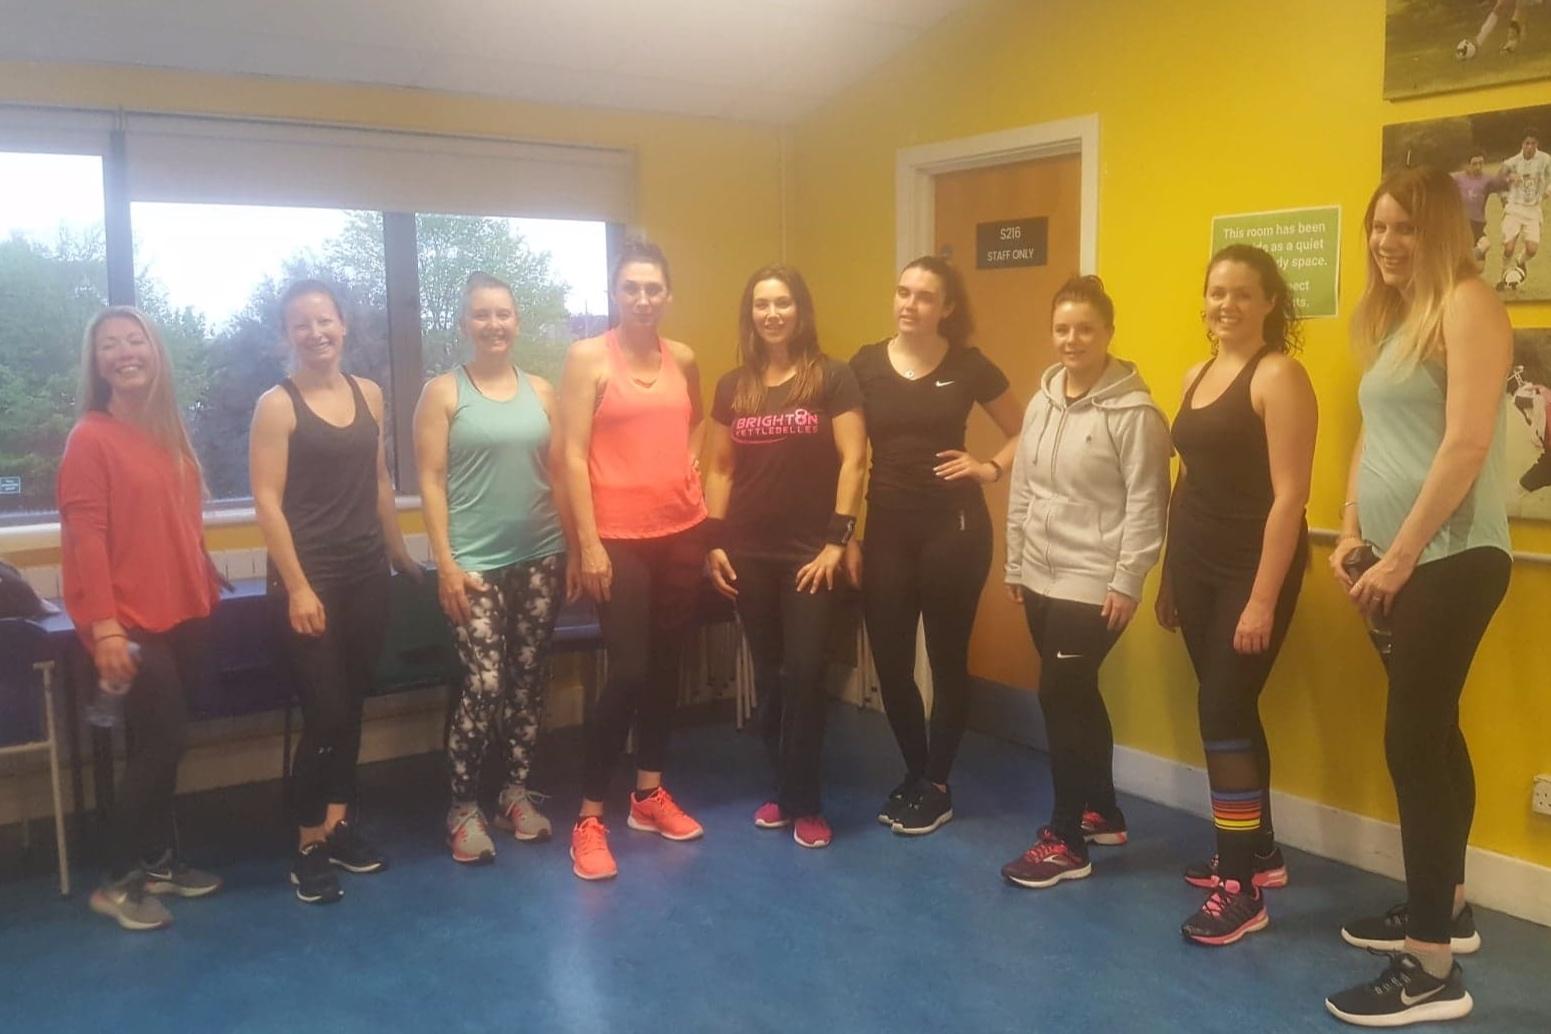 kettlebelles+brighton+girl+fitness+review